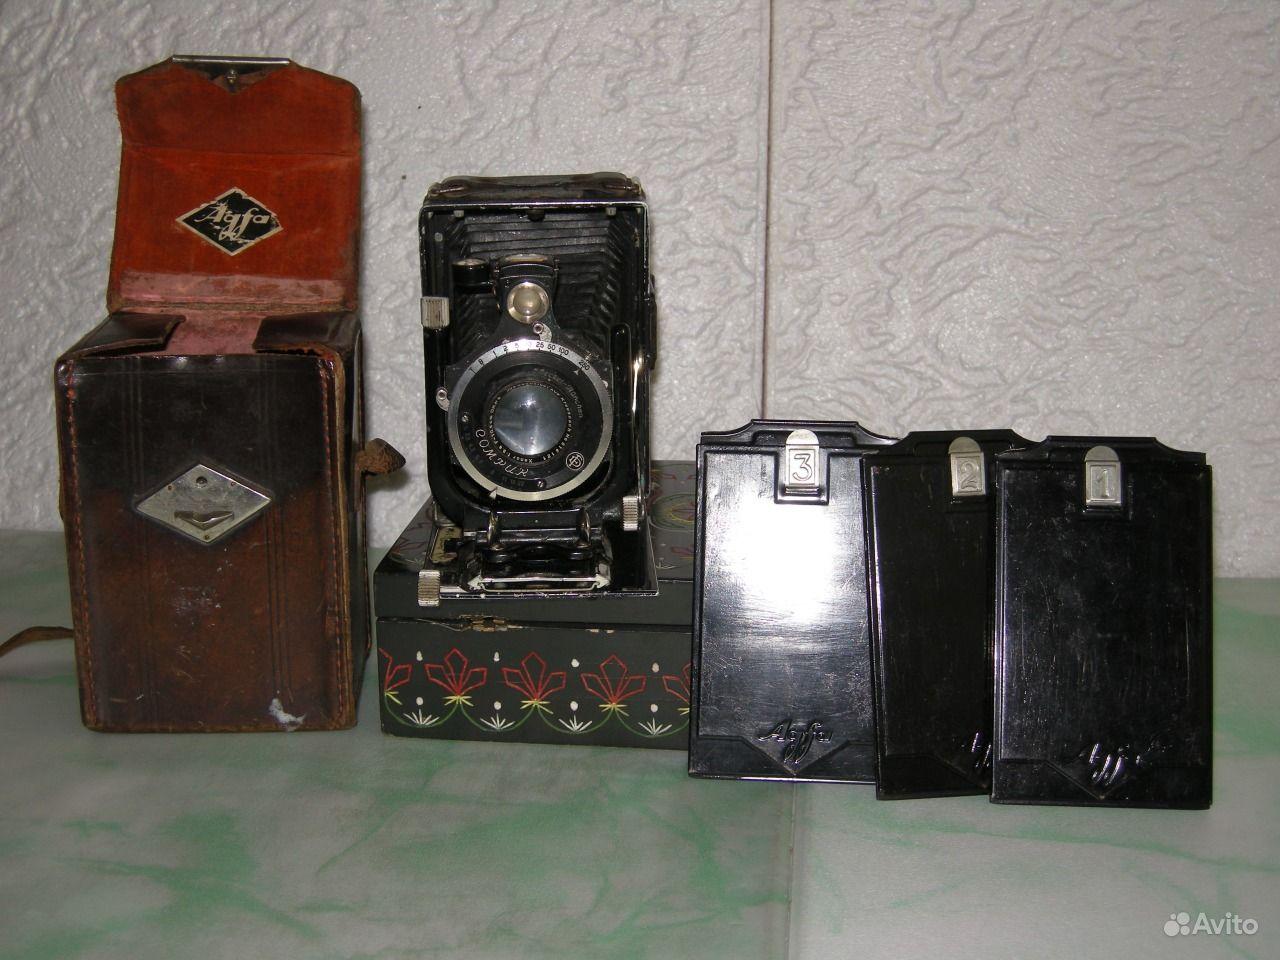 продать фотоаппарат антиквариат в краснодаре очень дорогой, поэтому